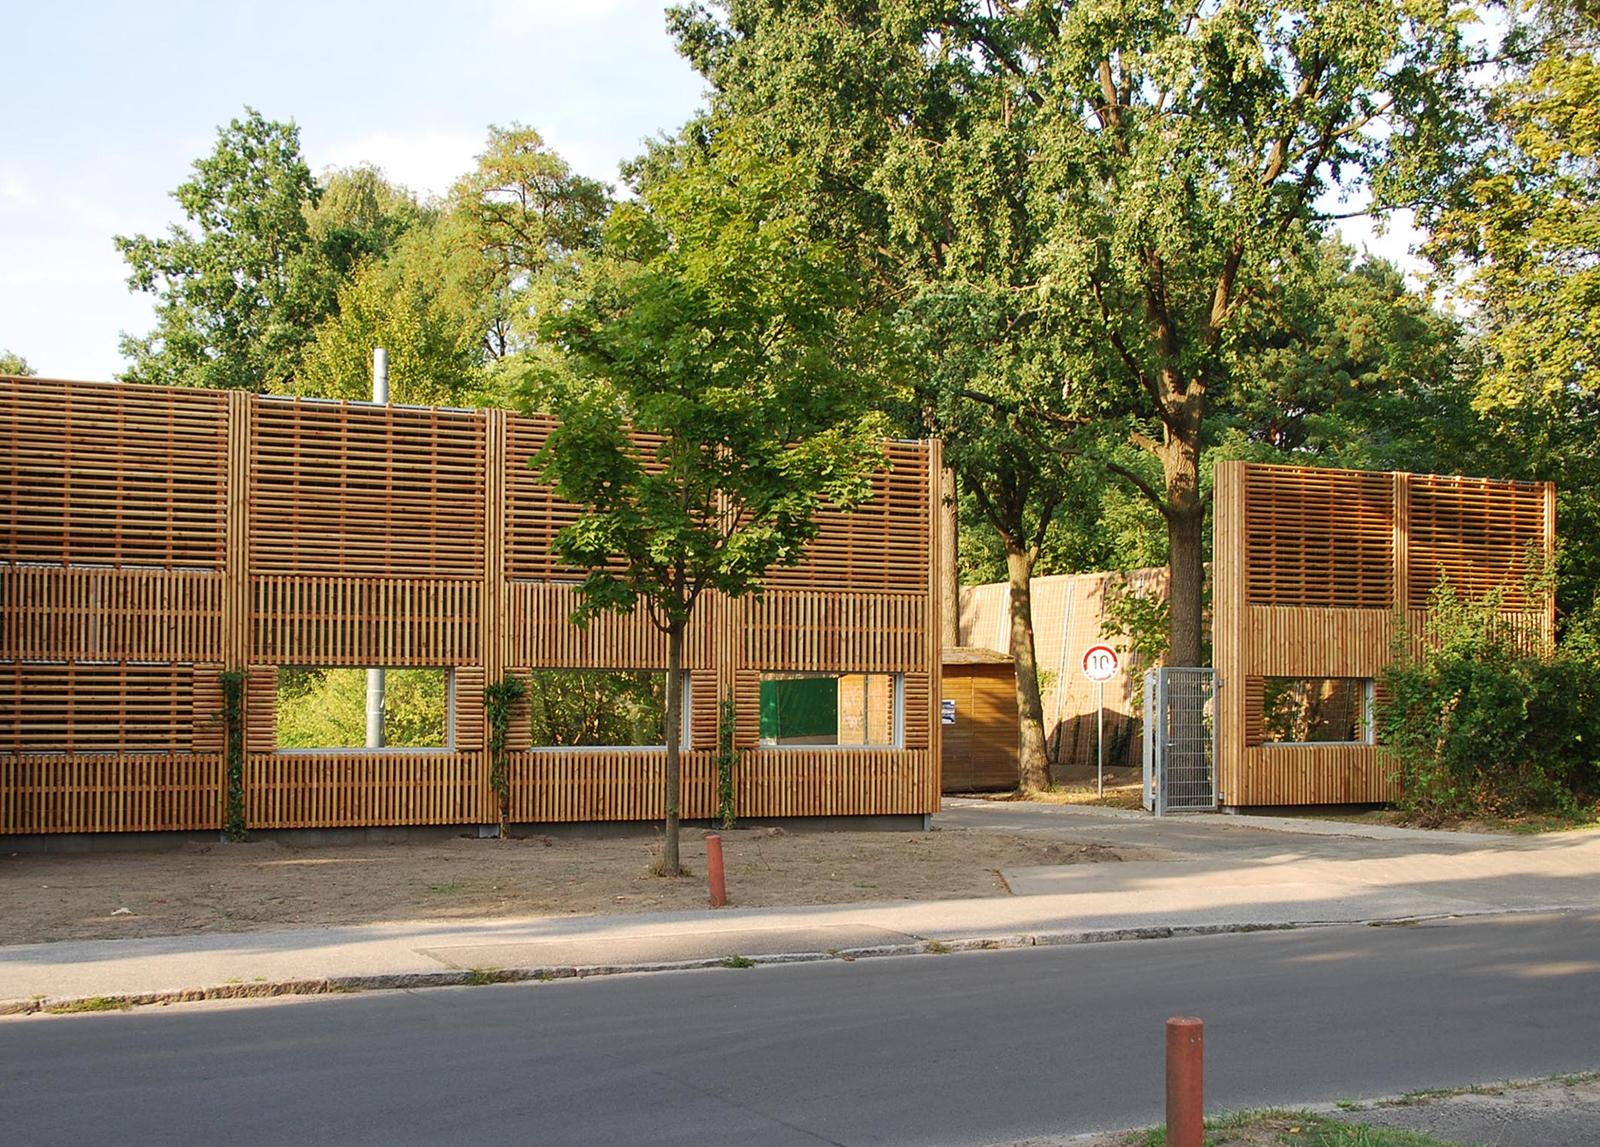 laermschutzeinrichtung-niederheide-freizeitbauten-aussenanlagen-landschaftsarchitektur-armbruster